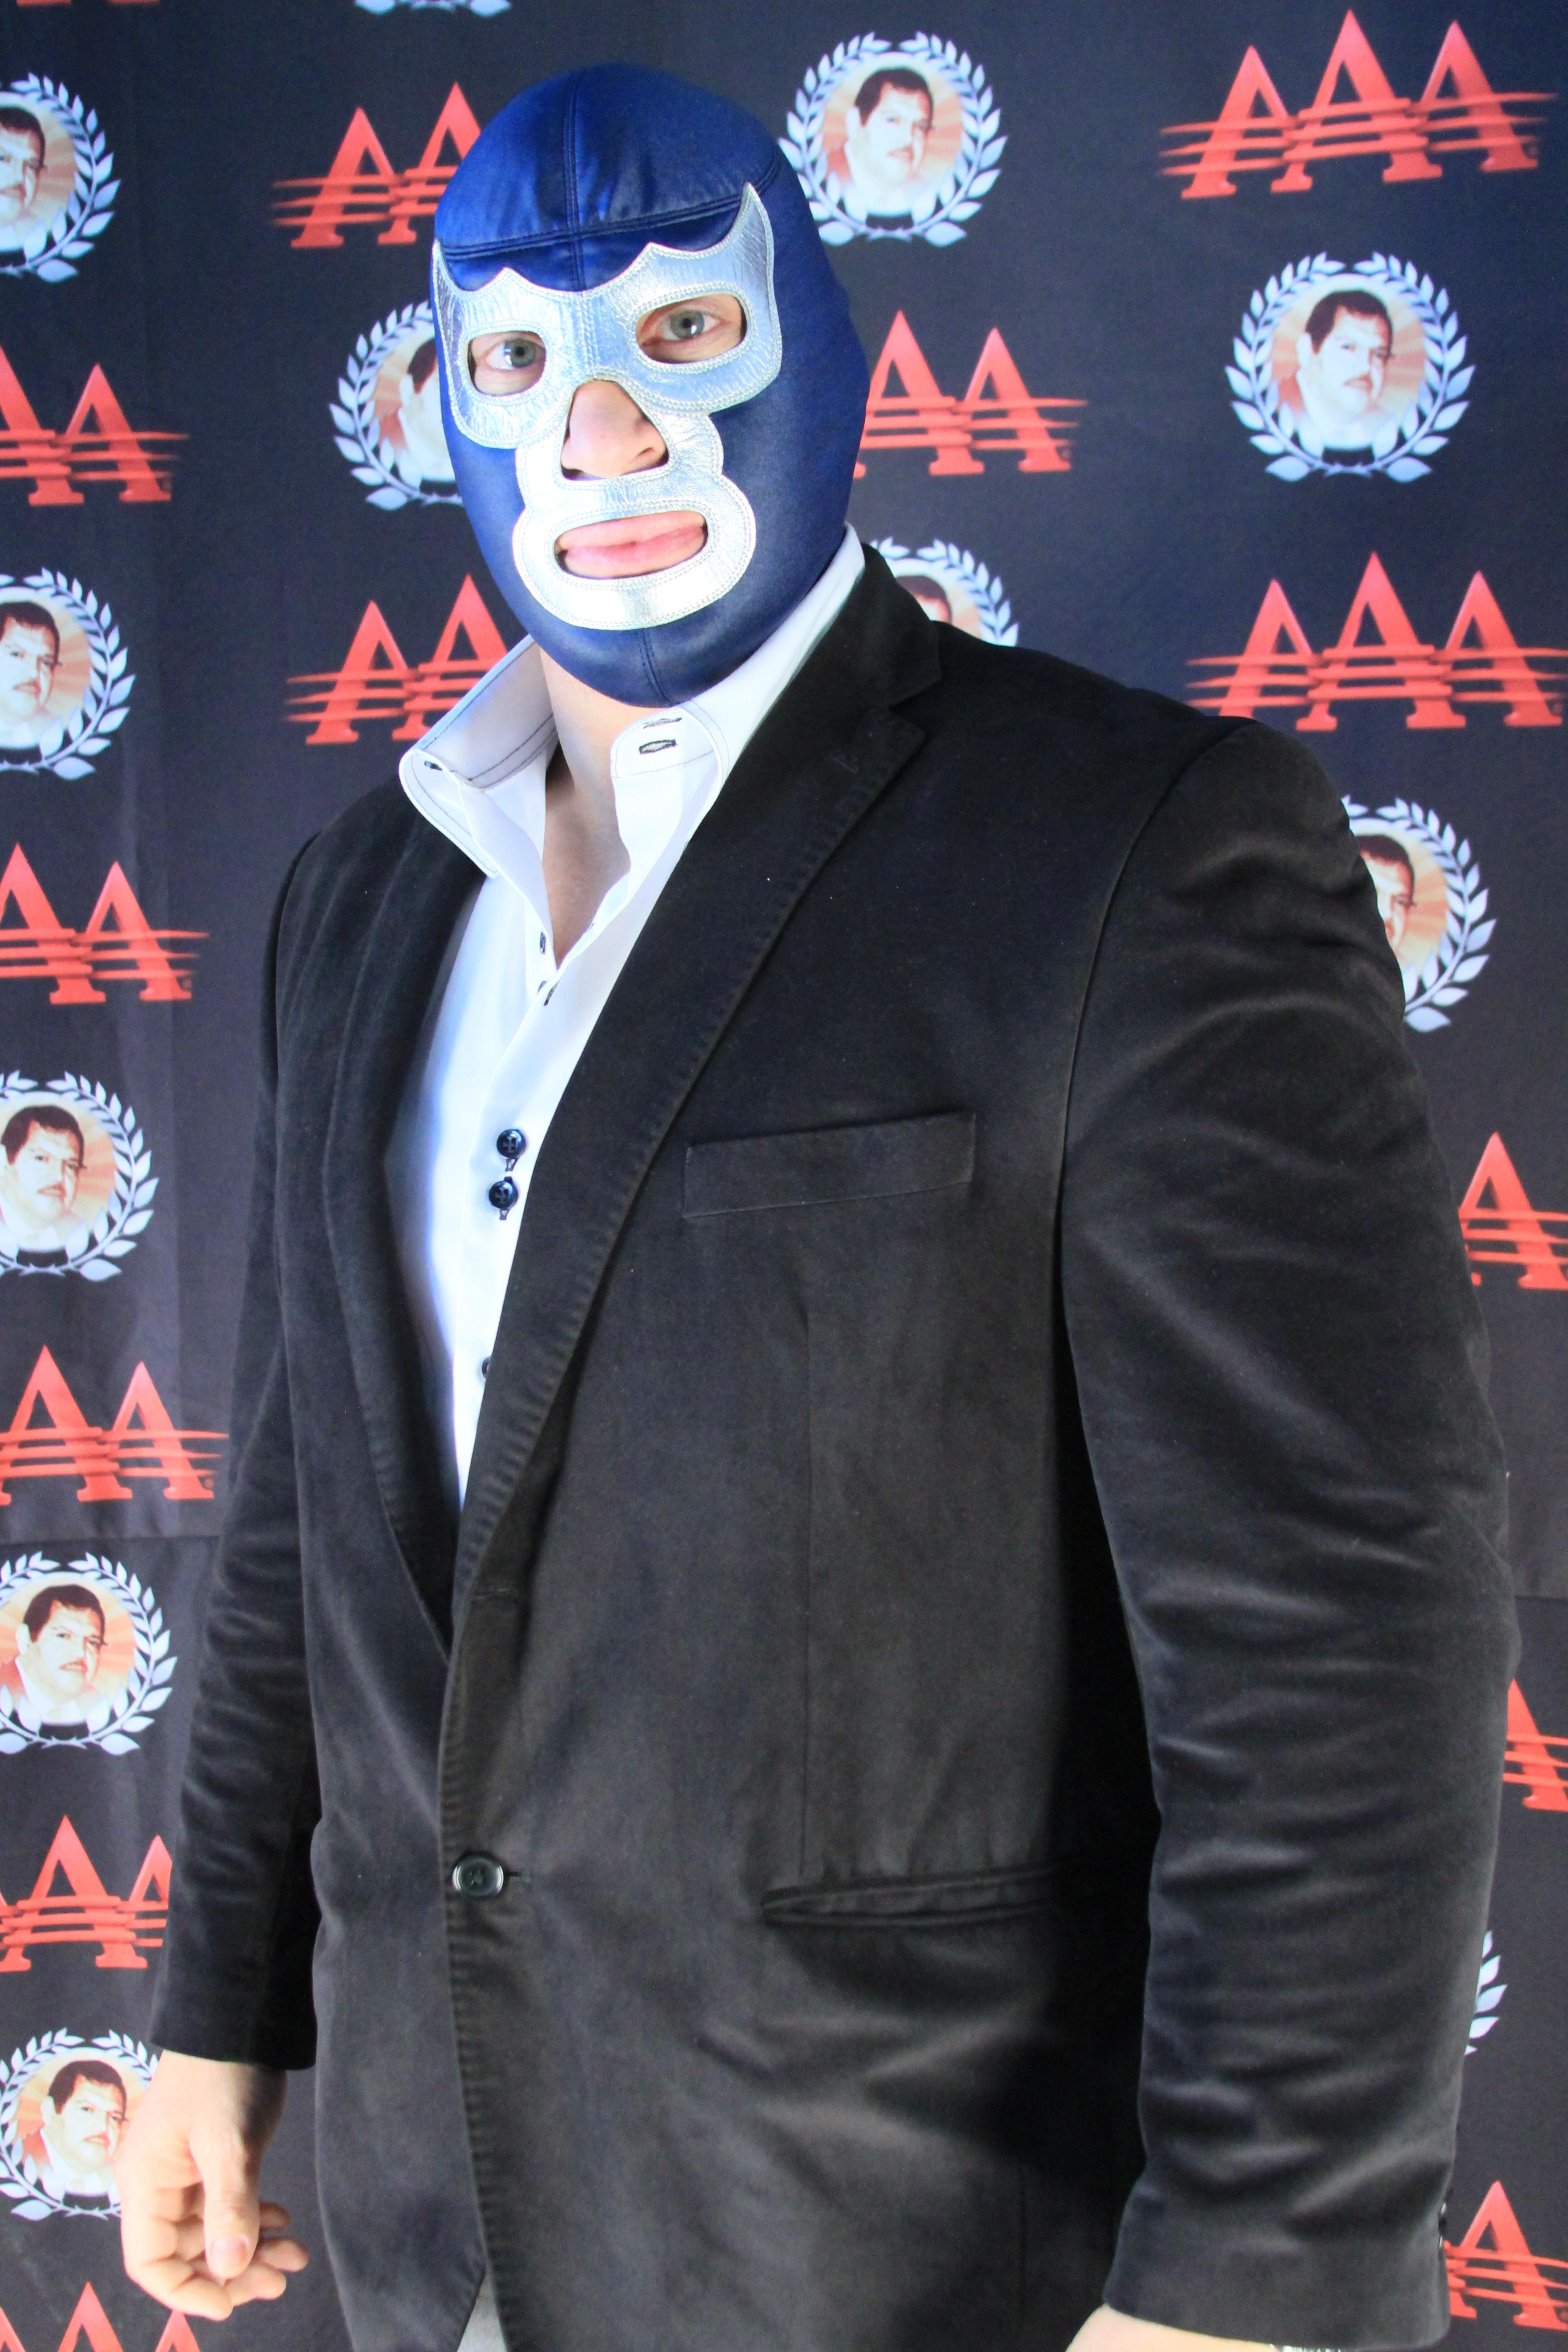 Blue Demon Jr. / Imagen cortesía de Lucha Libre AAA para Súper Luchas